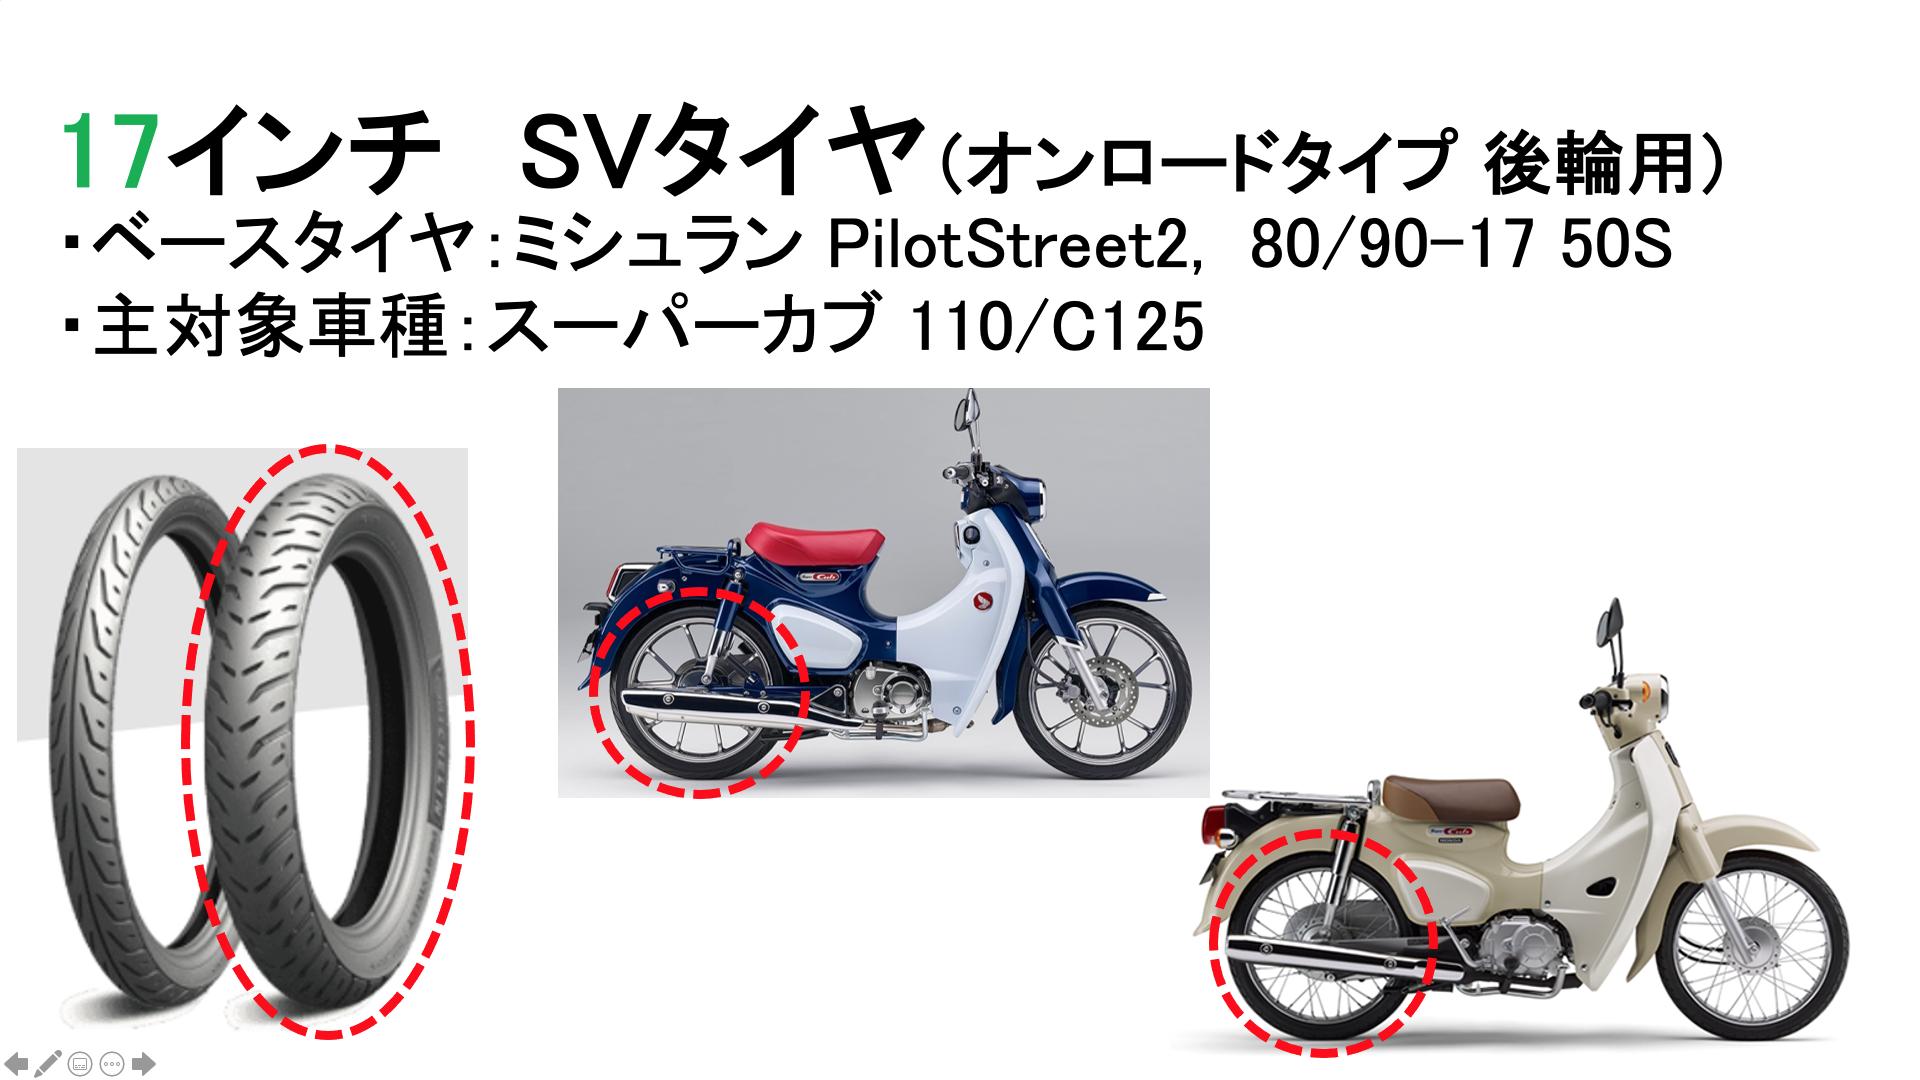 サバイバルタイヤ(MICHELIN PilotStreet2, 80/90-17)